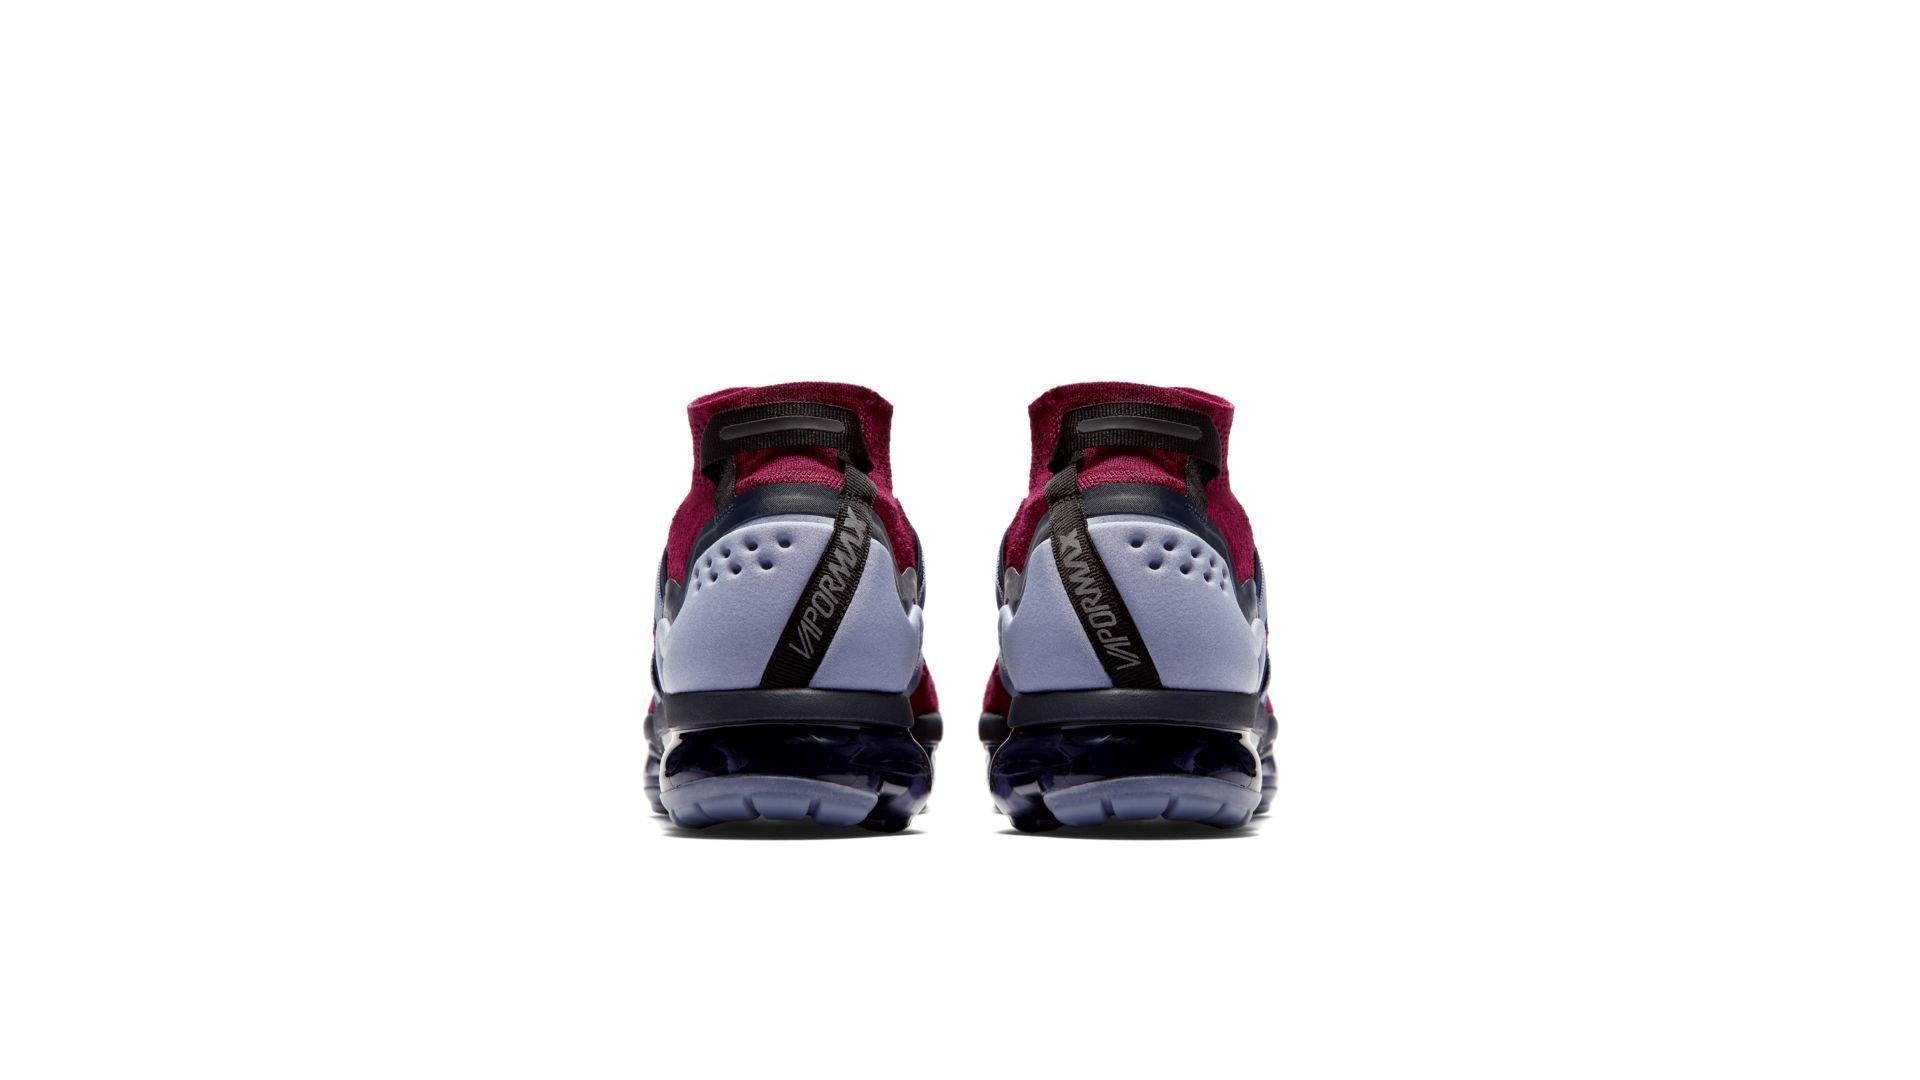 Nike Air VaporMax AH6834-600